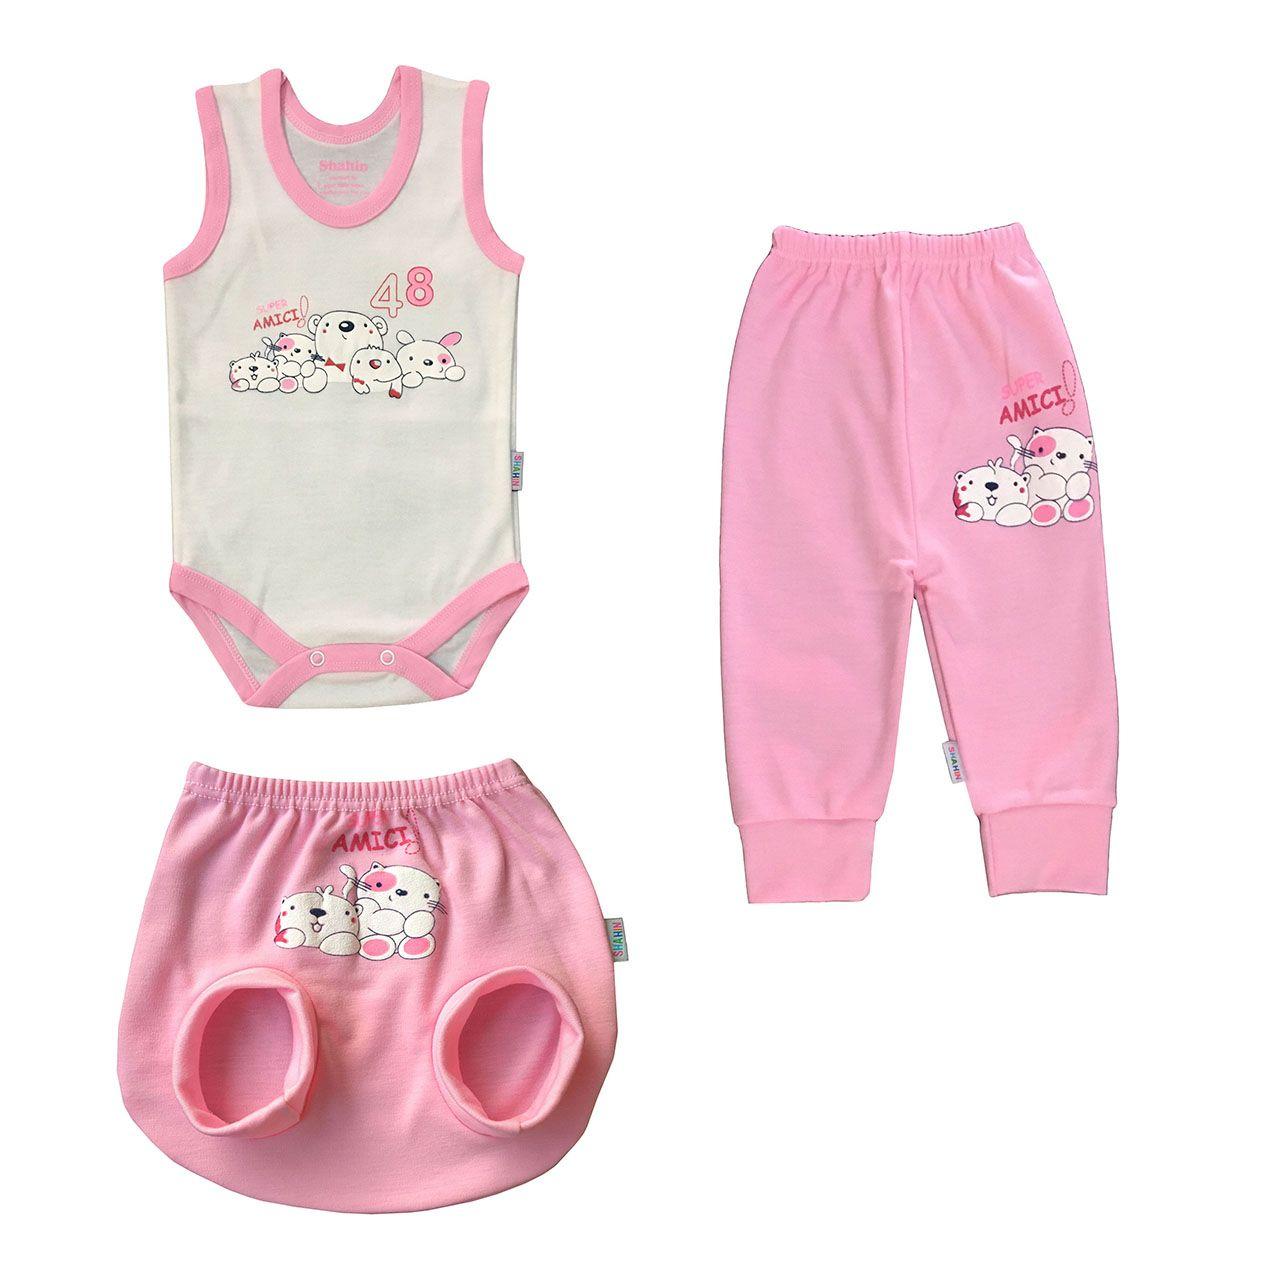 ست 3 تکه لباس نوزادی دخترانه شاهین طرح امیکی کد L -  - 2